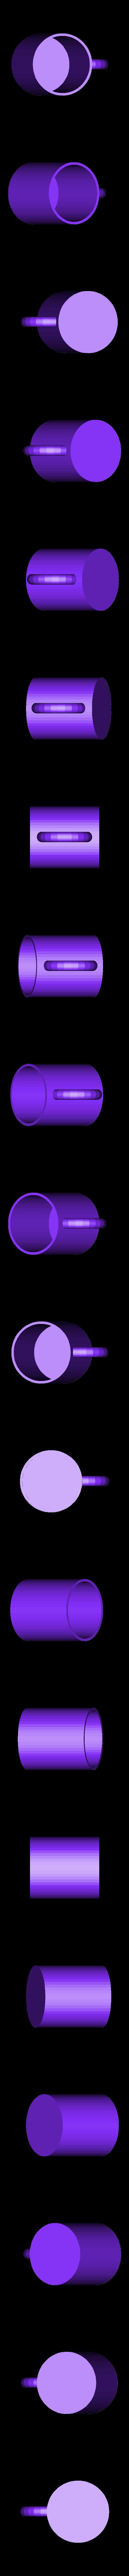 tinker.obj Download free OBJ file Mug • 3D printing object, PabloGomez